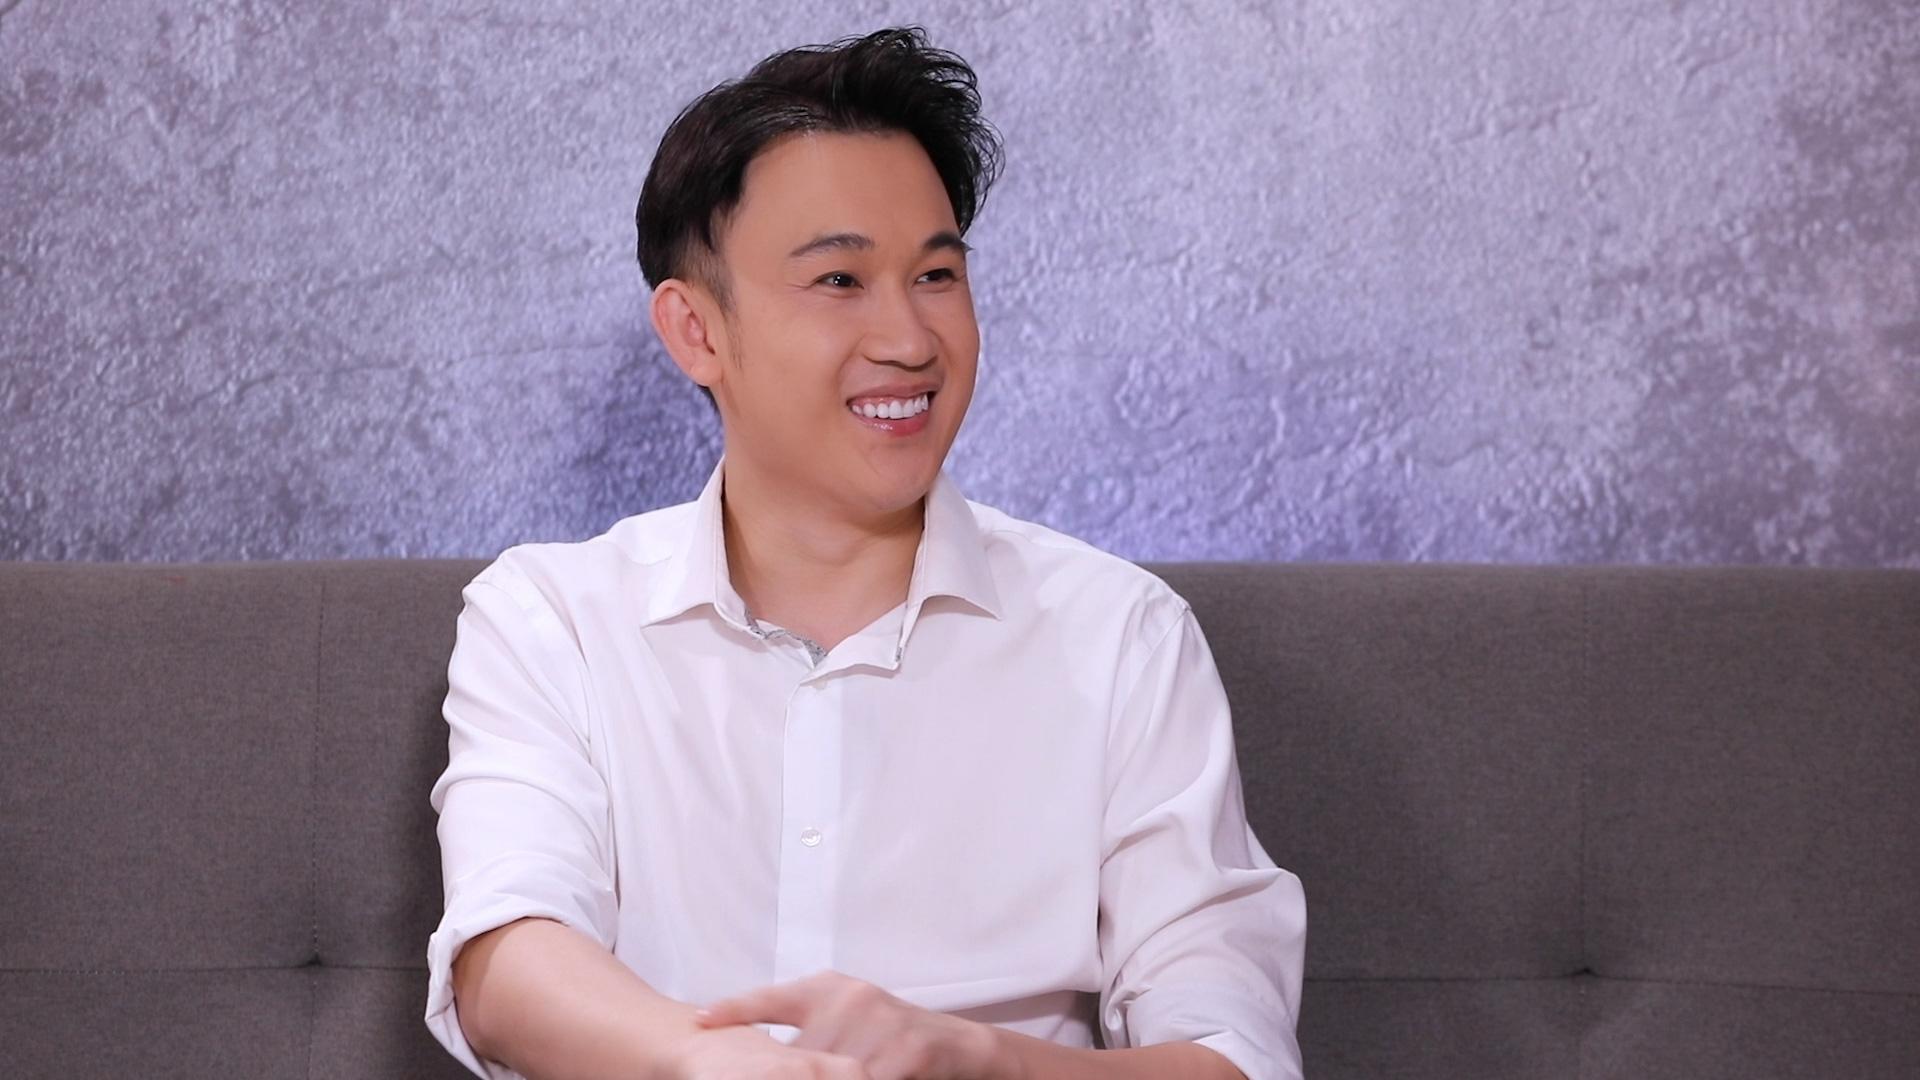 """Dương Triệu Vũ: """"Anh Hoài Linh sinh ra lúc gia đình có xe hơi, còn tôi sinh ra phải ở chuồng heo"""" - Ảnh 5."""